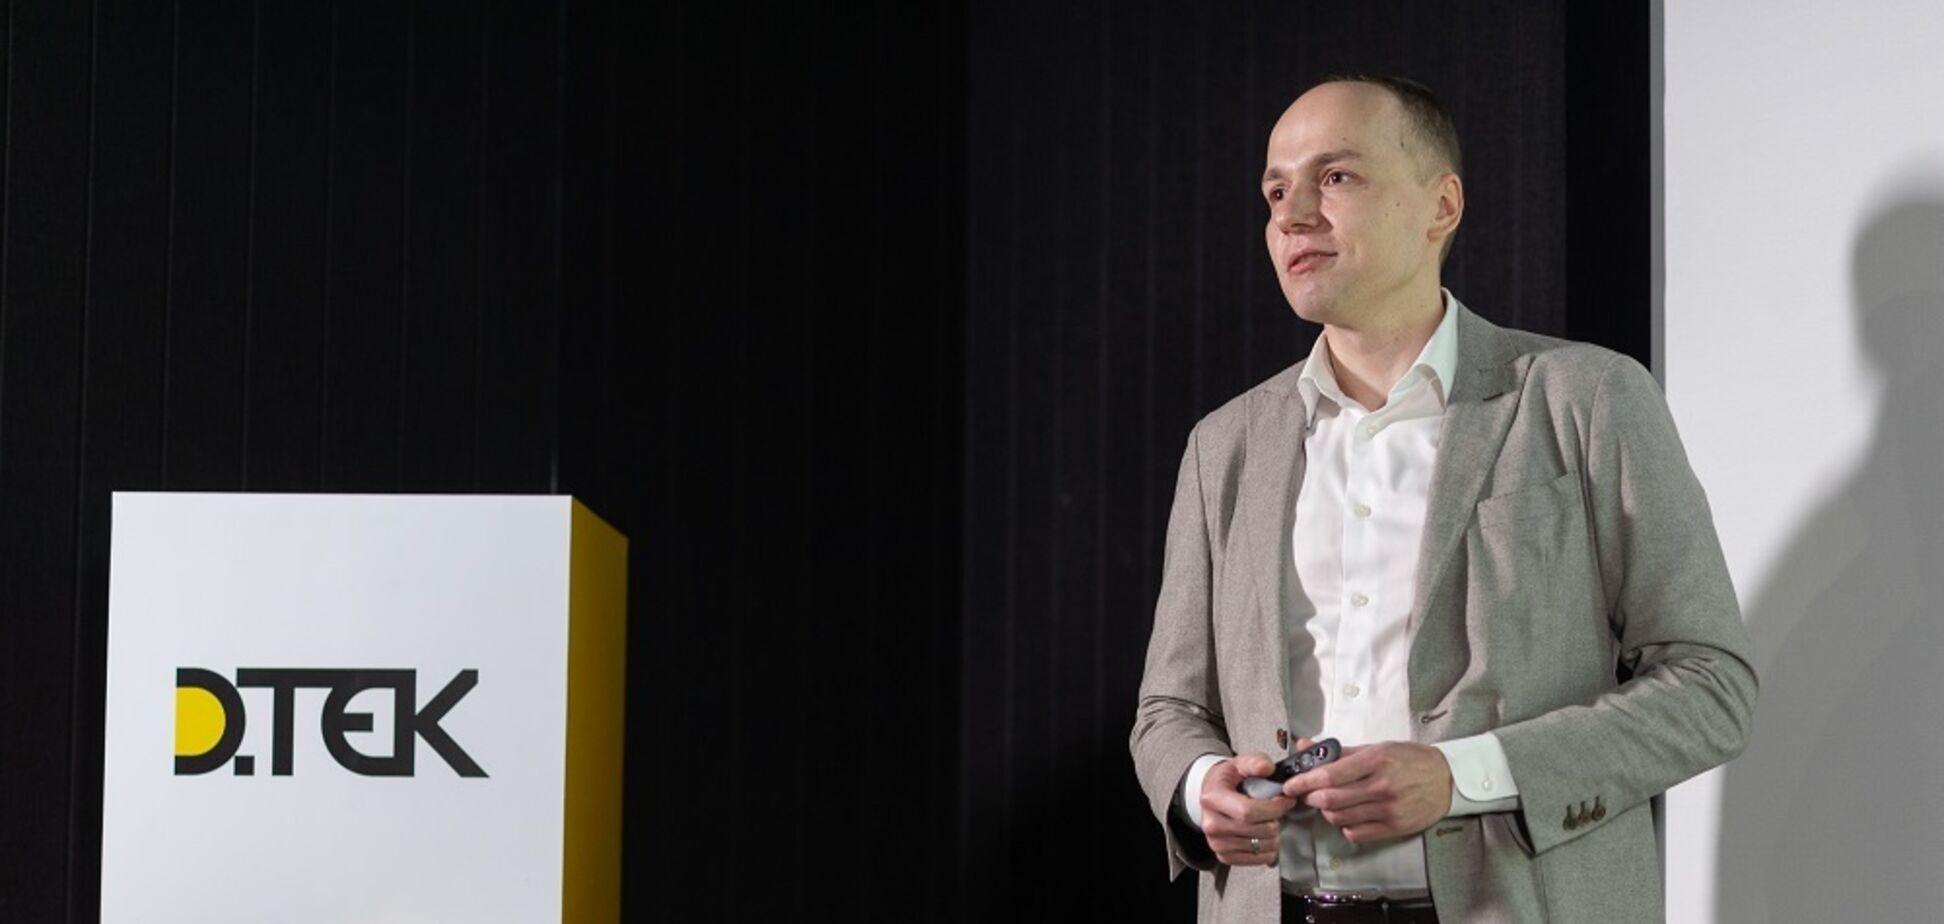 ДТЕК Мережі представив план із розвитку послуг у Київській області